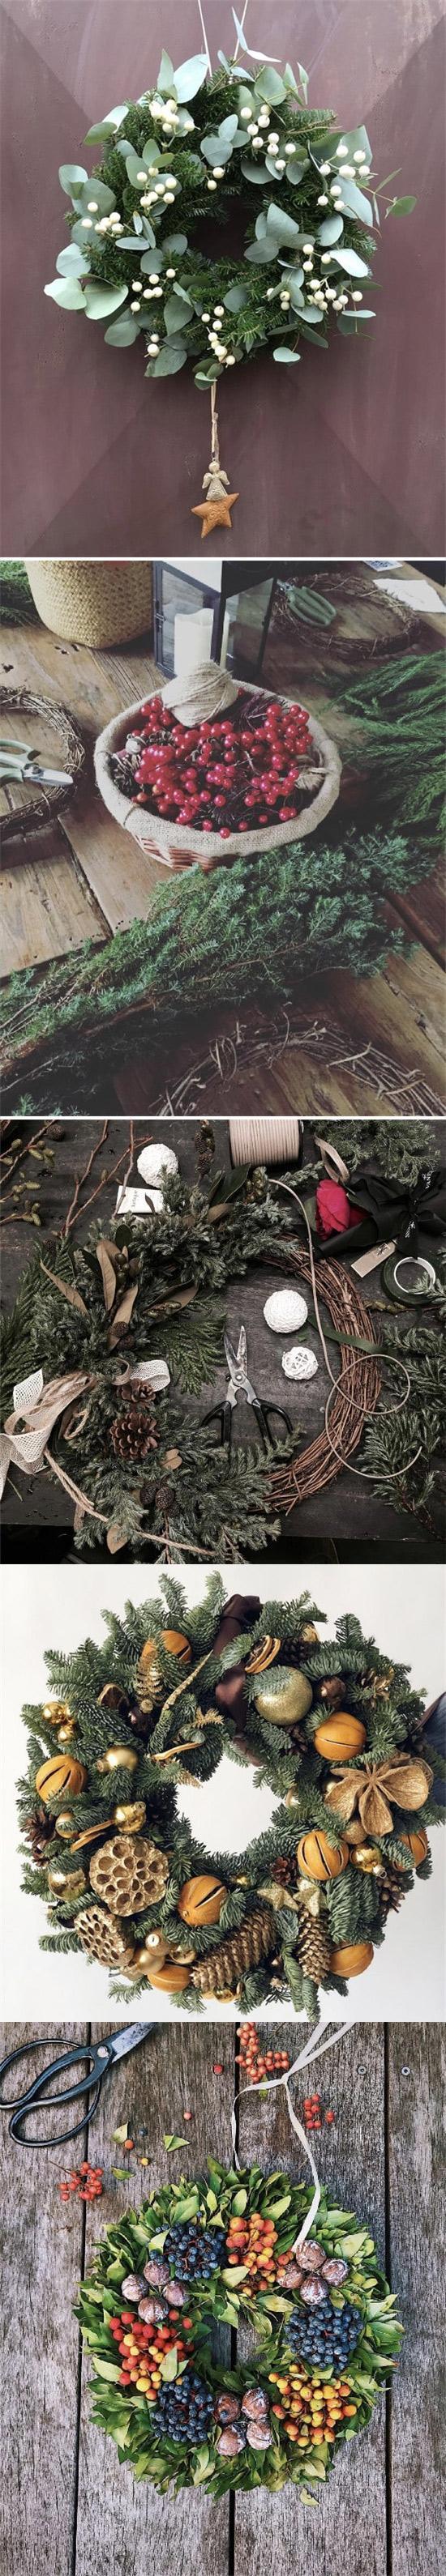 这个圣诞你家墙上还缺少一个好看的花环